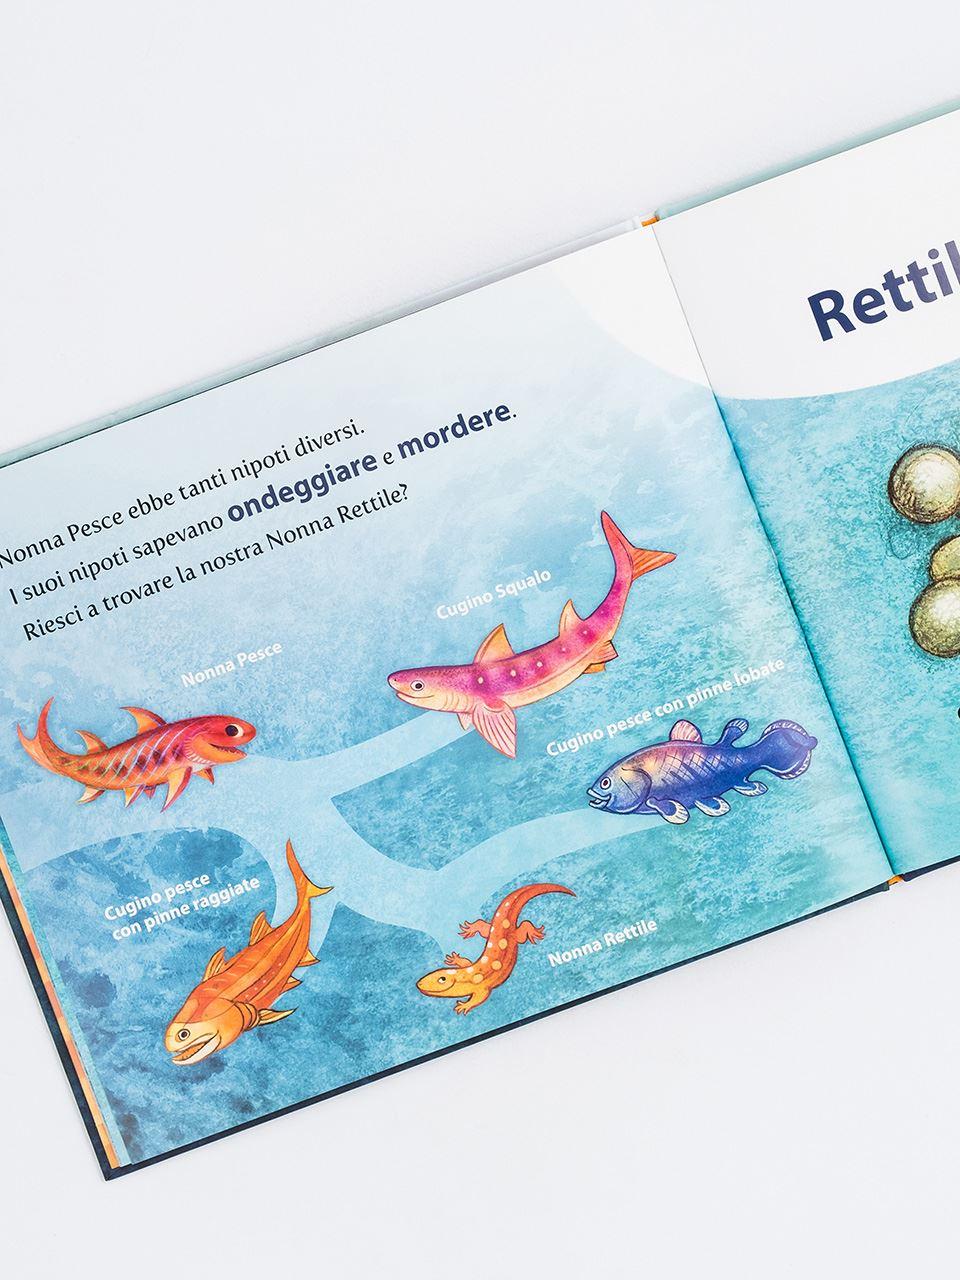 Mia nonna era un pesce - Libri - Erickson 2